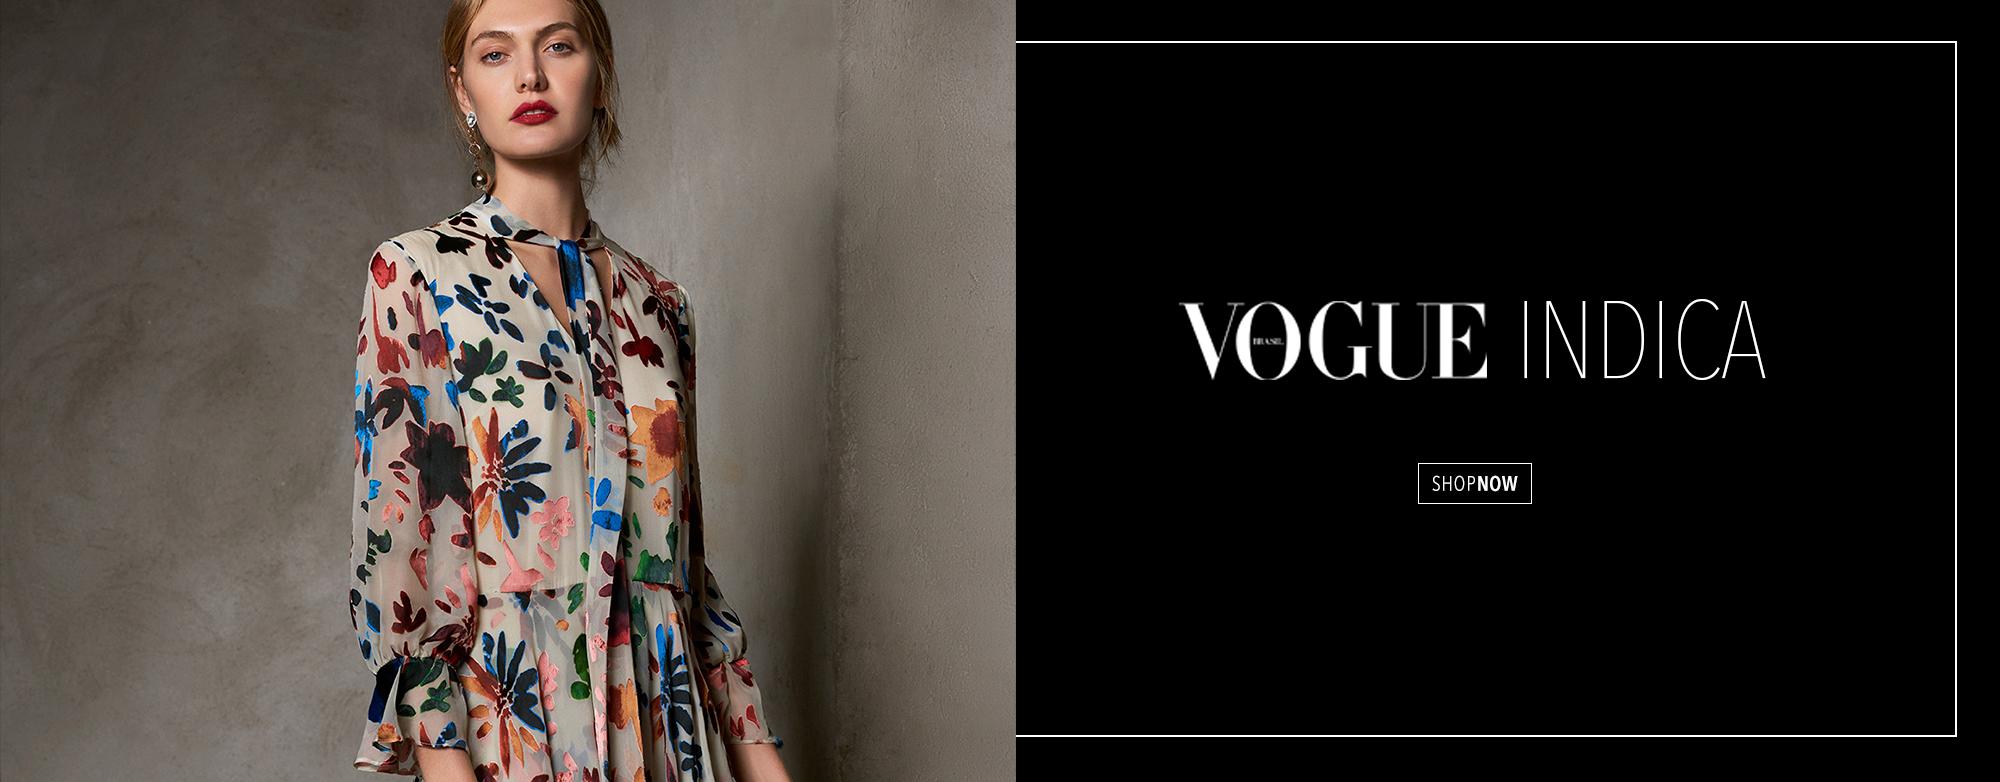 Vogue Indica